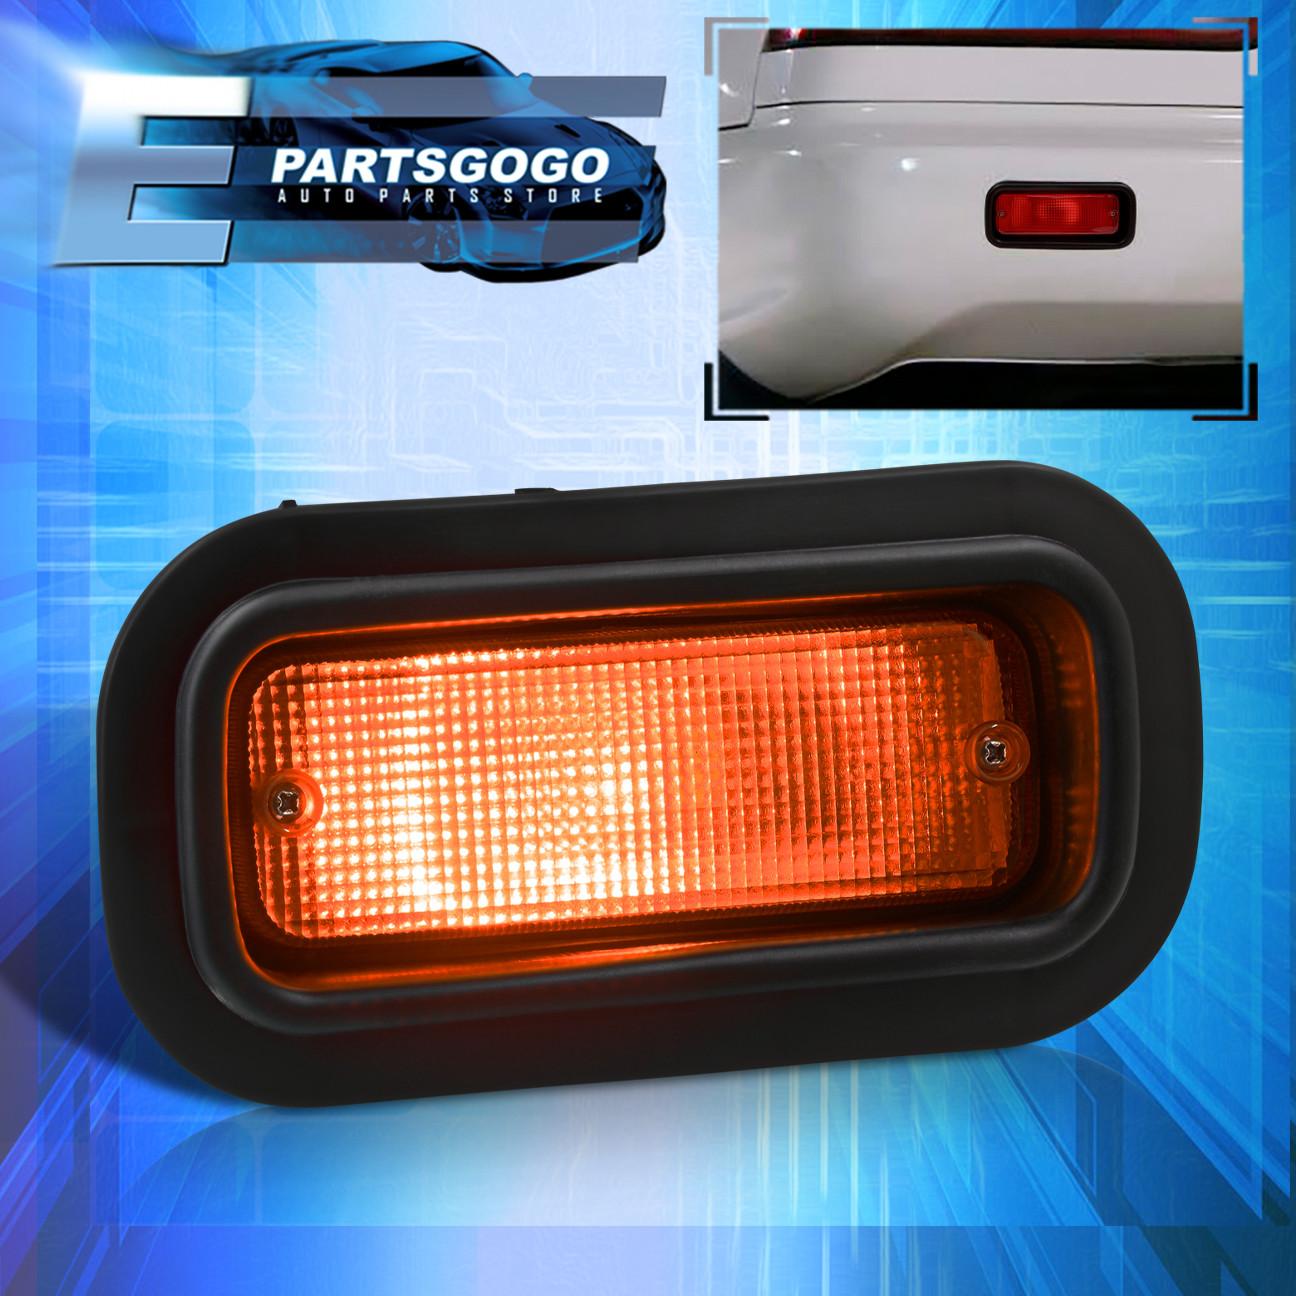 [TBQL_4184]  For Honda Prelude Civic Accord Jdm Edm Custom Red Lens Rear Bumper Fog Light  | eBay | 1990 Honda Prelude Tail Light Wiring |  | eBay